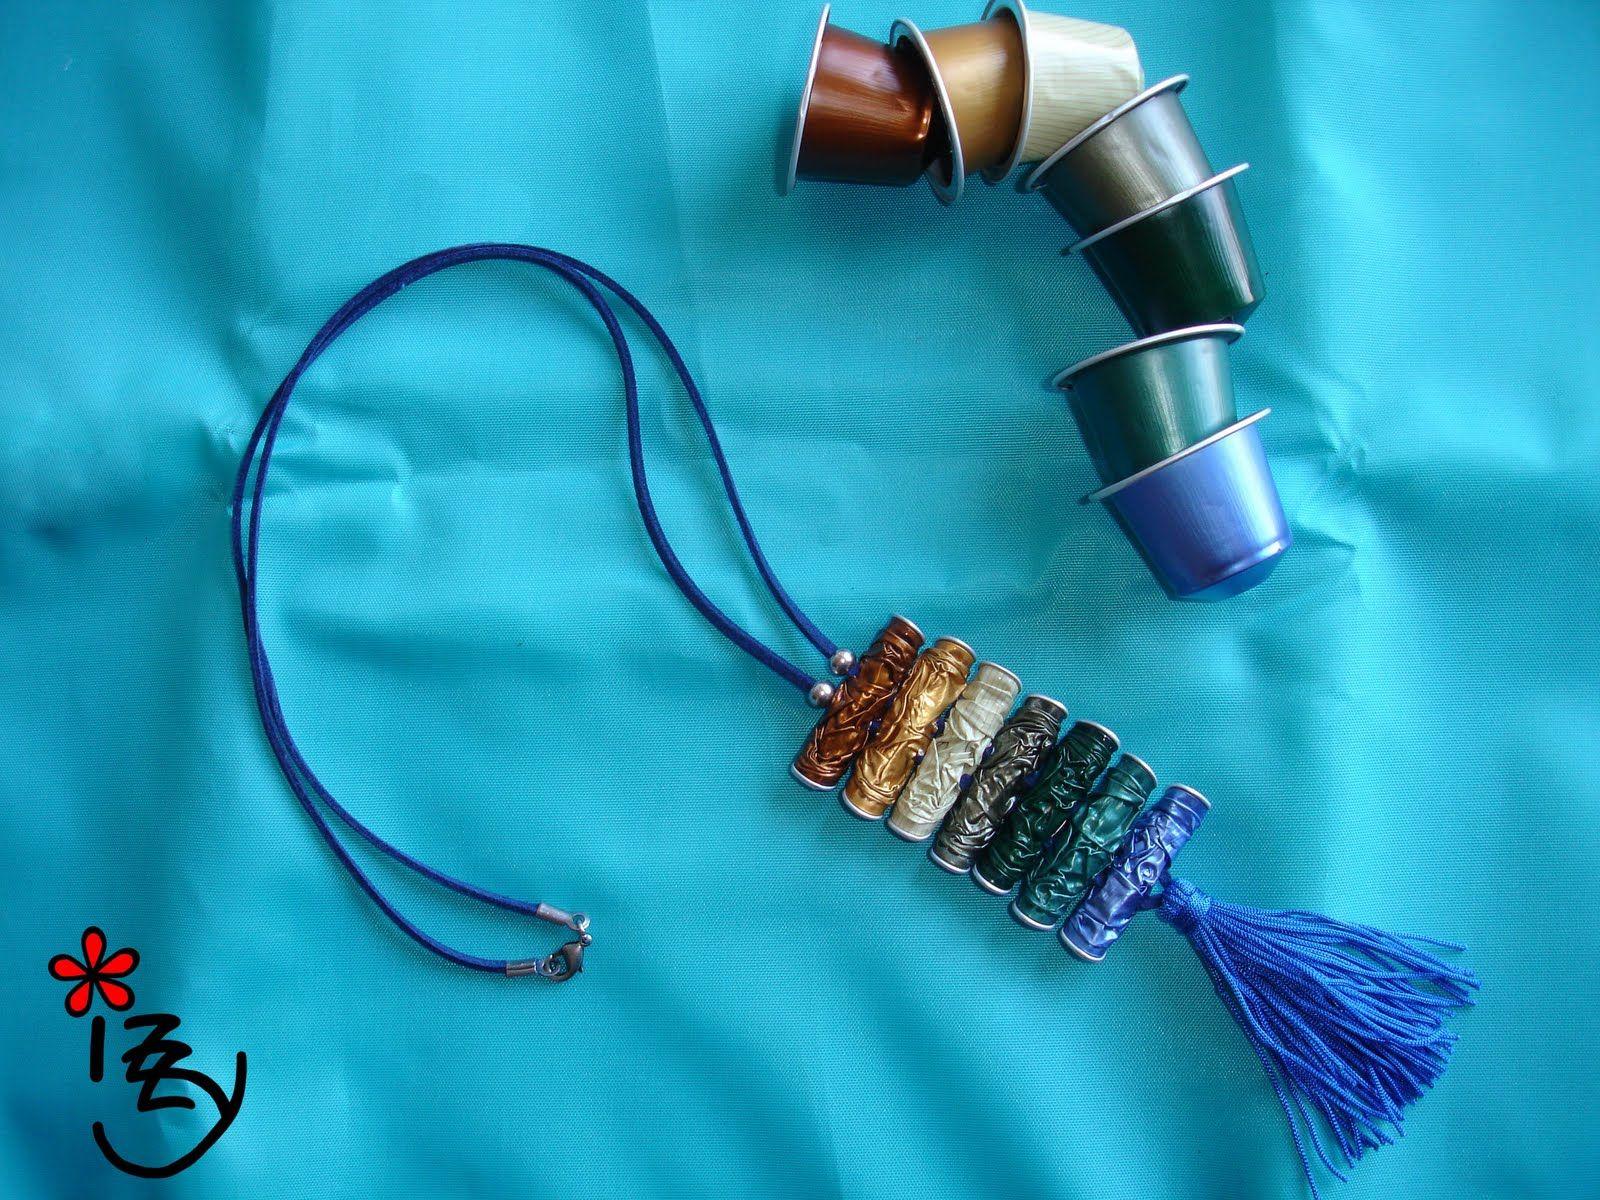 bijoux faits avec des capsules nespresso dia da m e pinterest bijuteria colares e caf. Black Bedroom Furniture Sets. Home Design Ideas